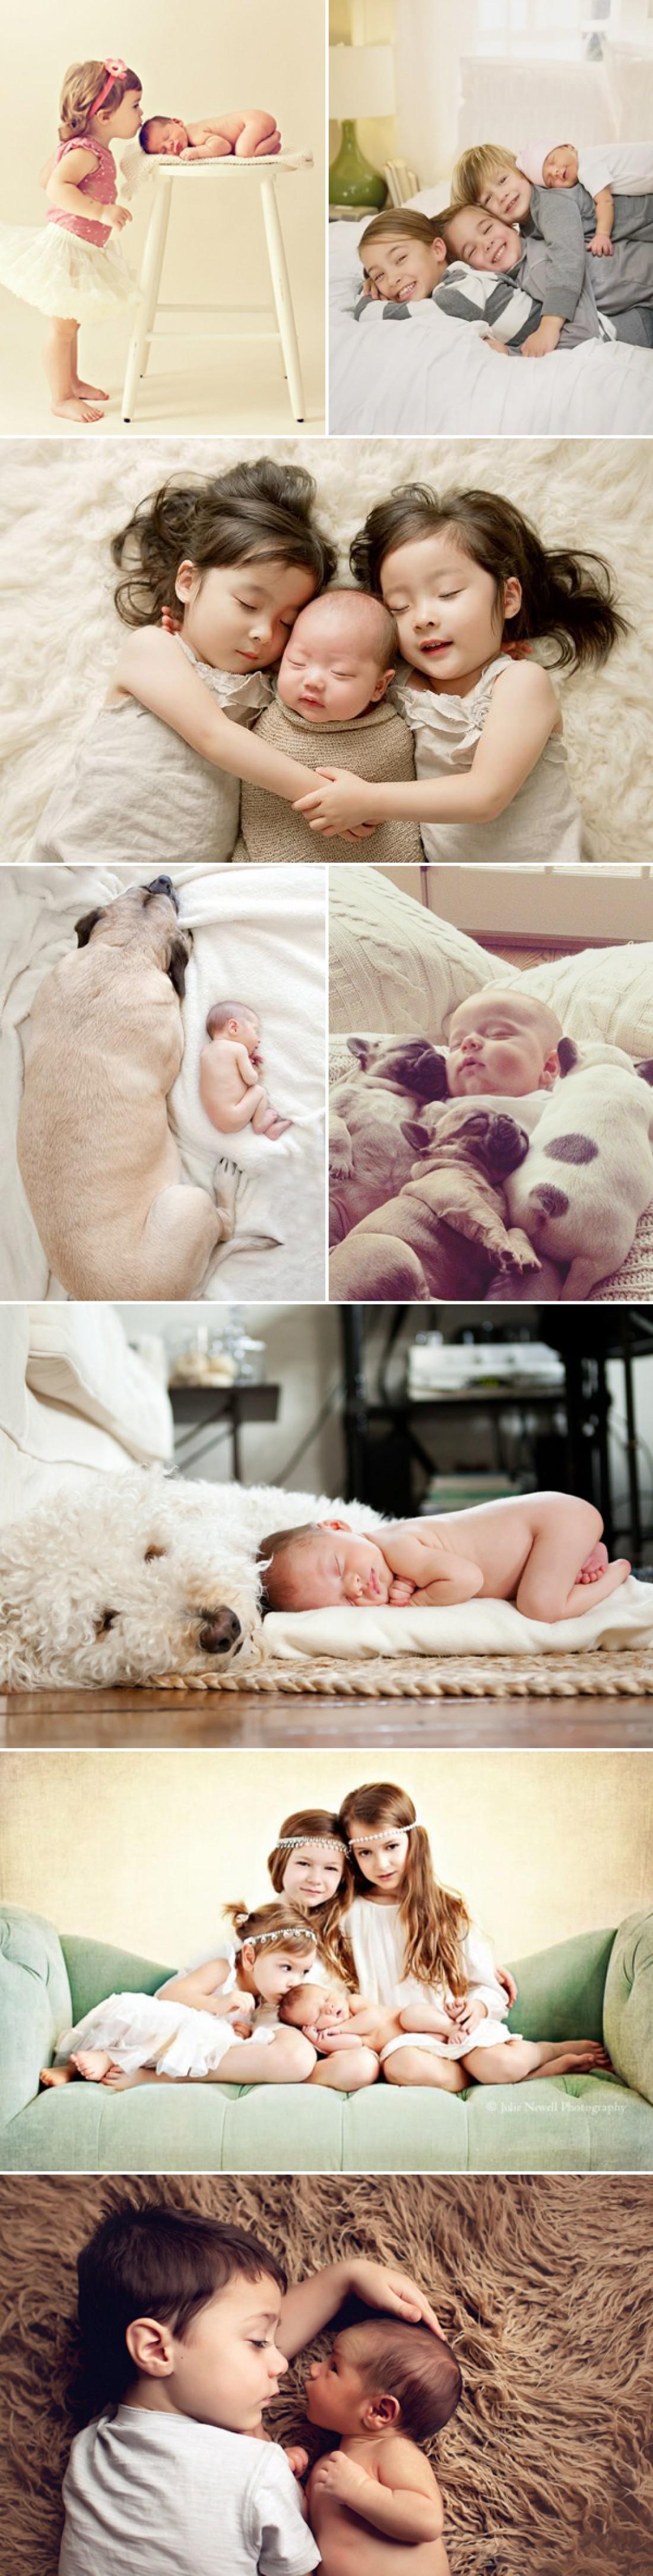 Семейный интимный фотоальбом 29 фотография